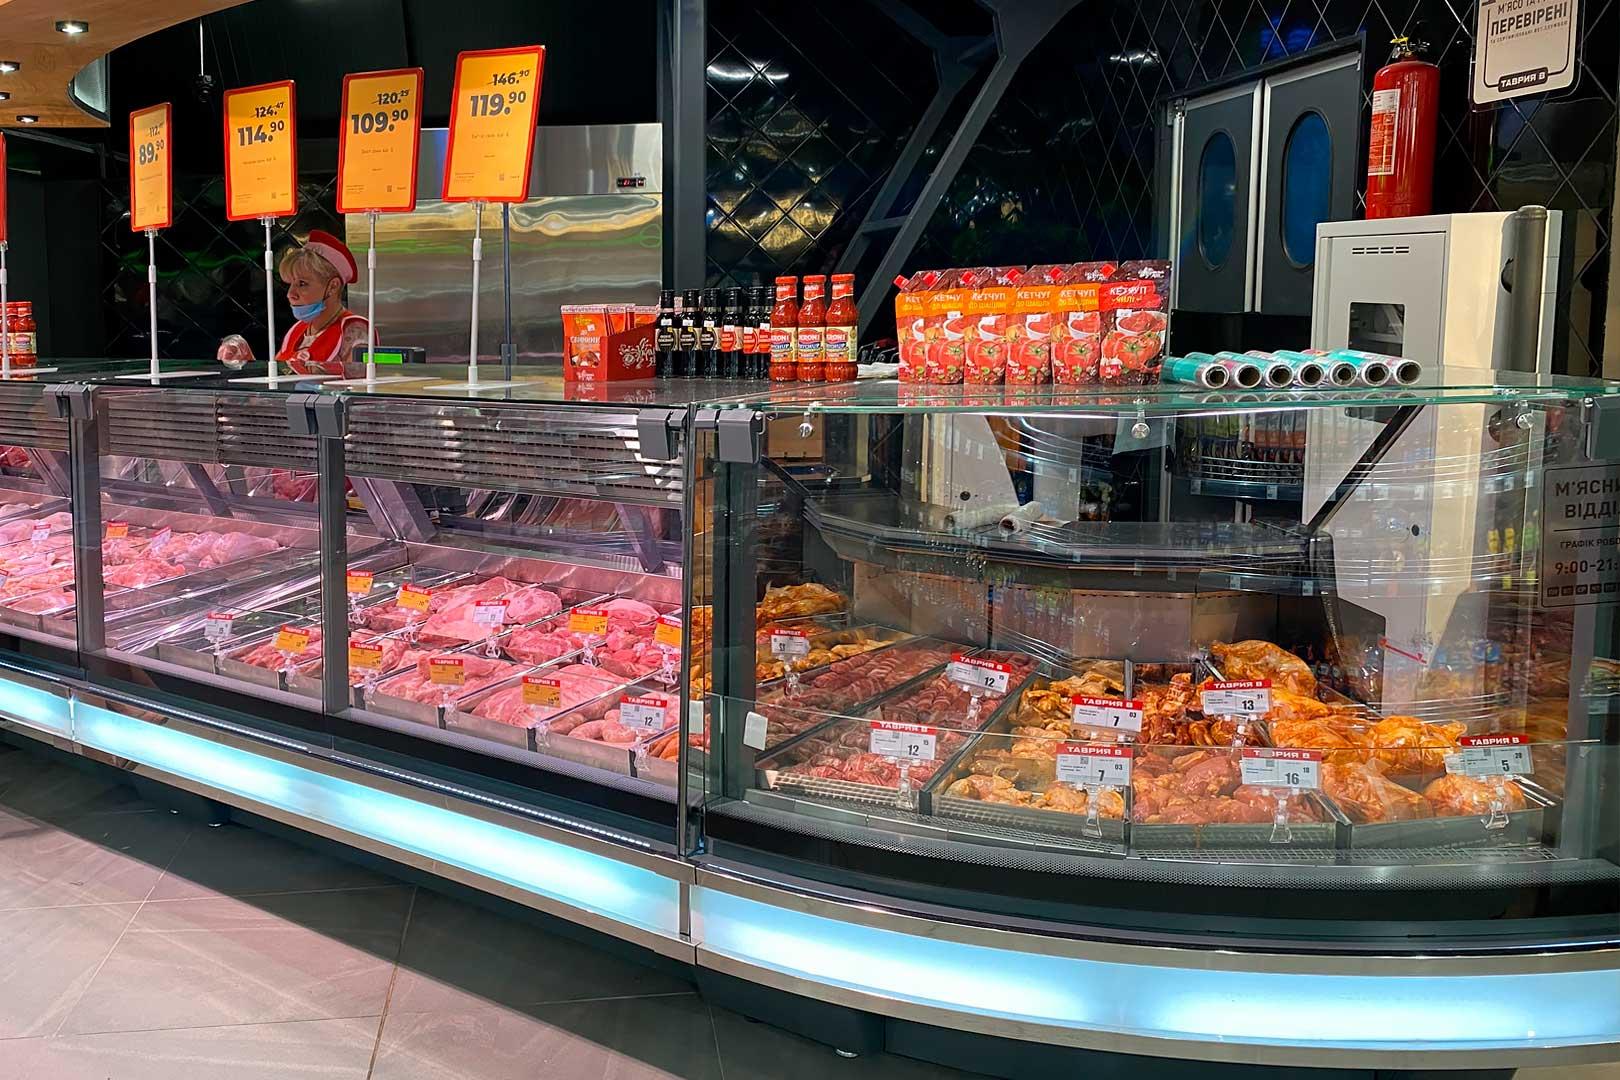 Специализированные витрины для продажи мяса Missouri cold diamond MC 115 meat PS 121-SLM, угловые элементы Missouri cold diamond MC 115 deli PS 121-DLM-ER45